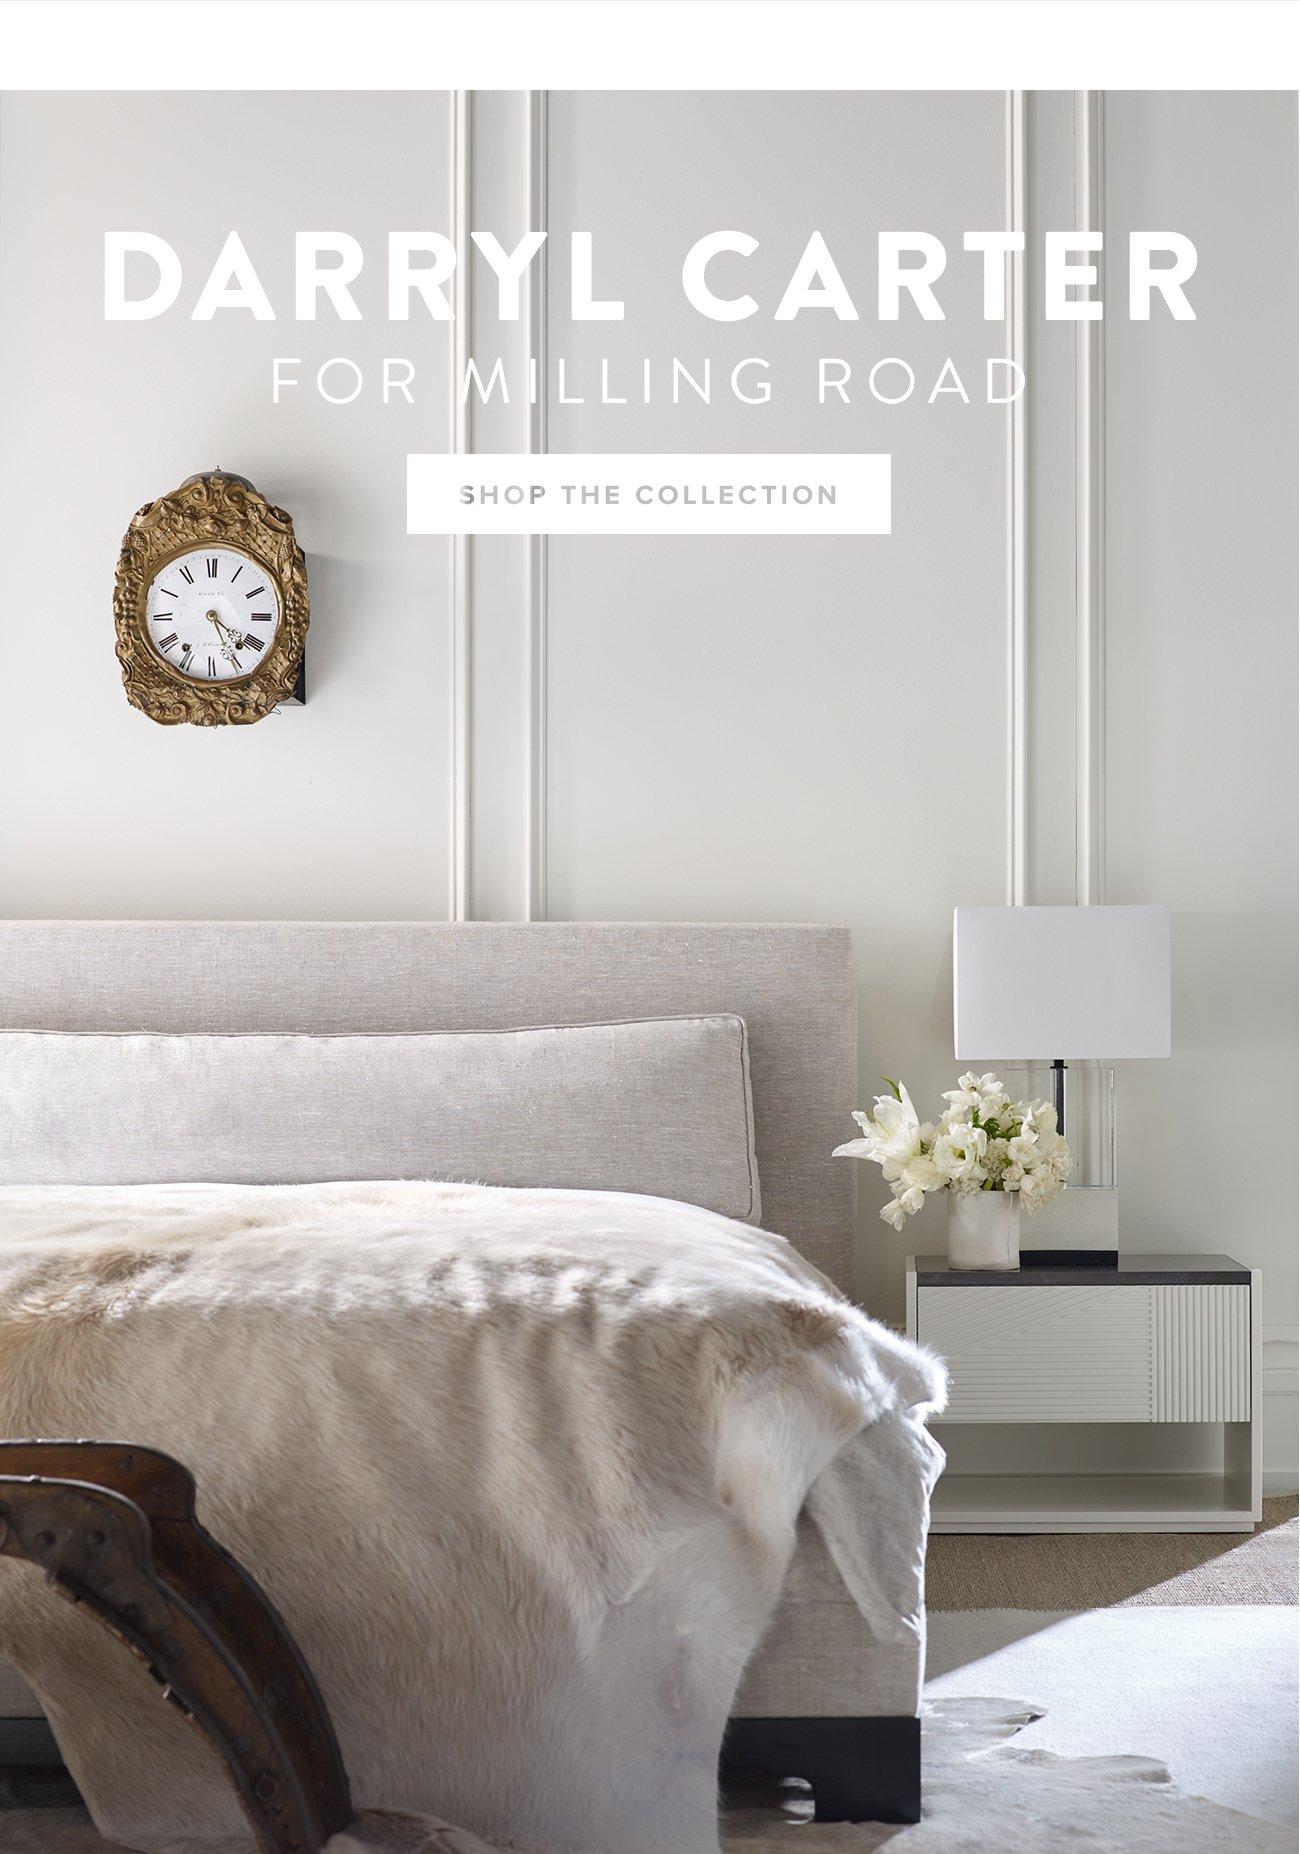 Darryl Carter For Milling Road